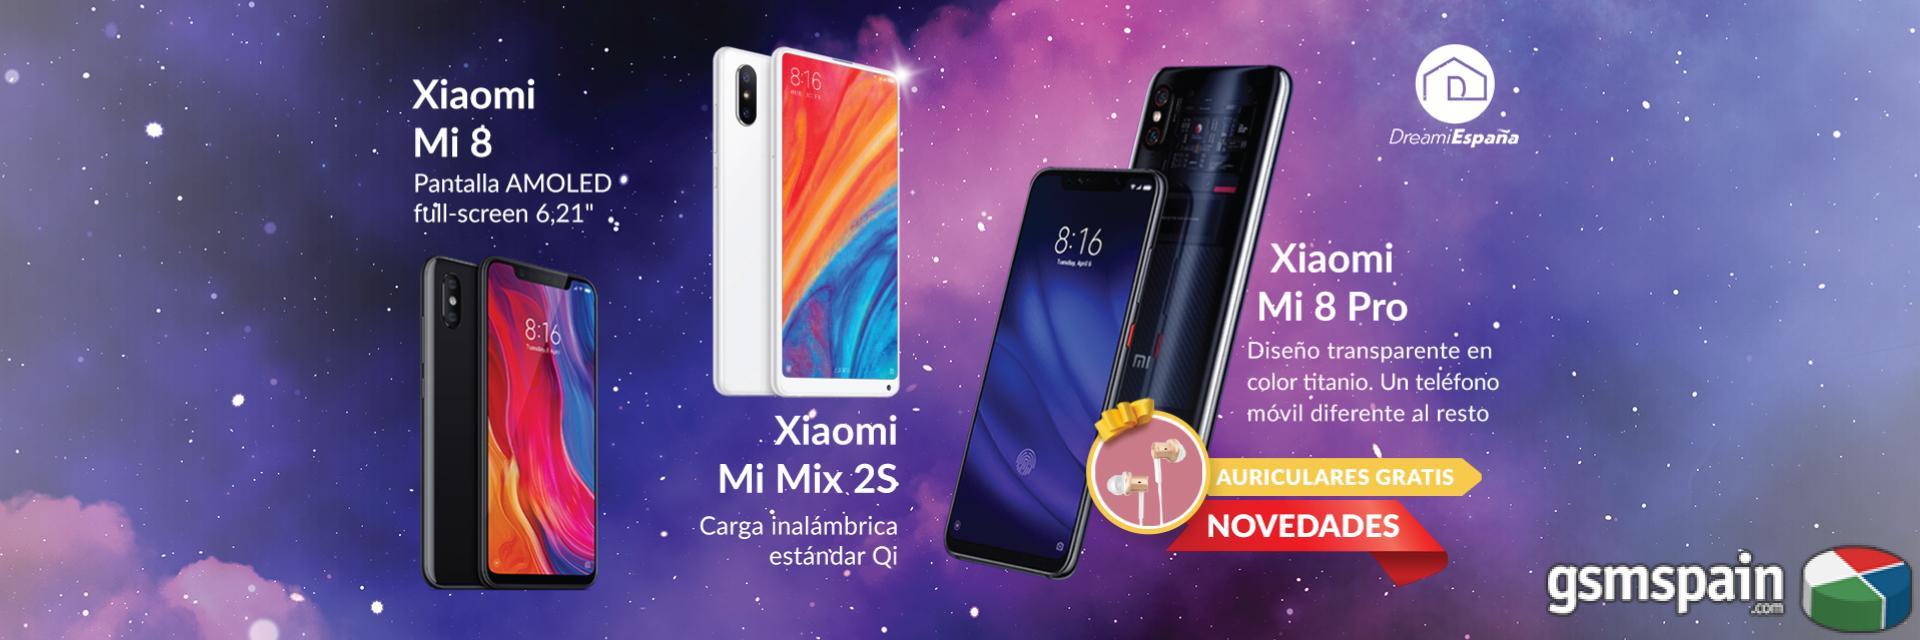 [VENDO] Xiaomi Mi 8 Pro a €509! NUEVO! Entrega gratis 3-5 dias!